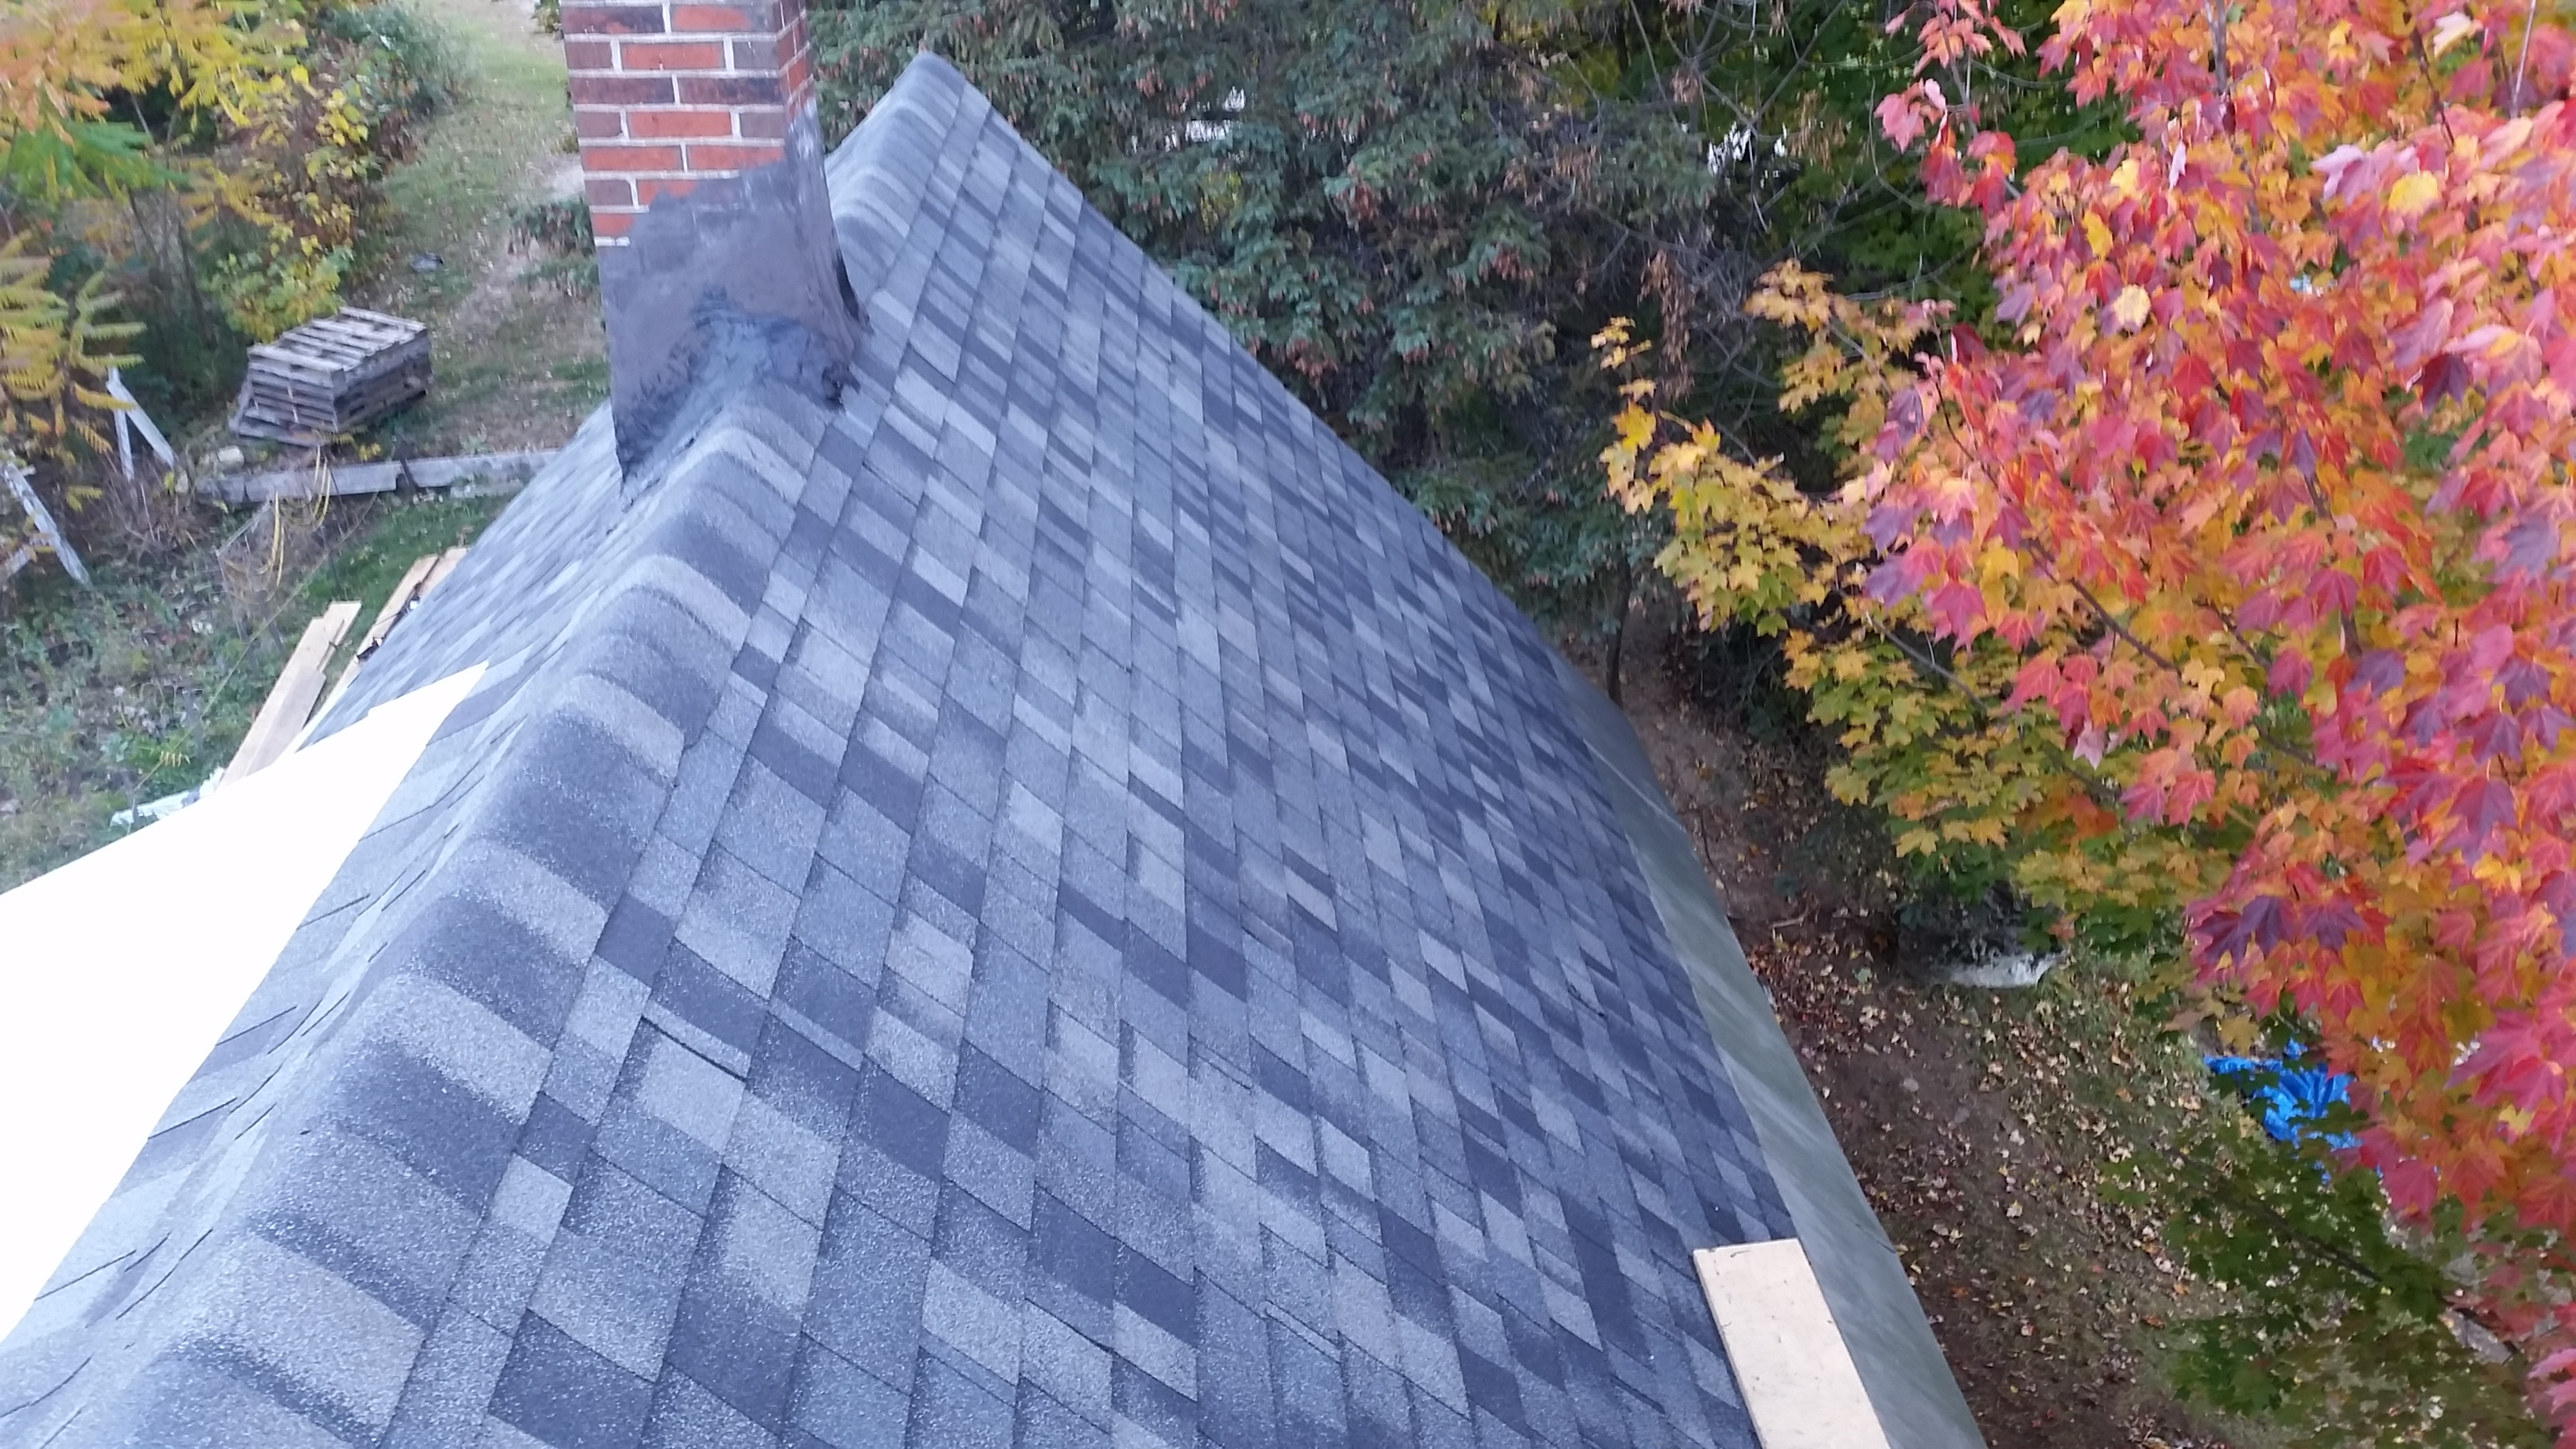 New asphalt shingles